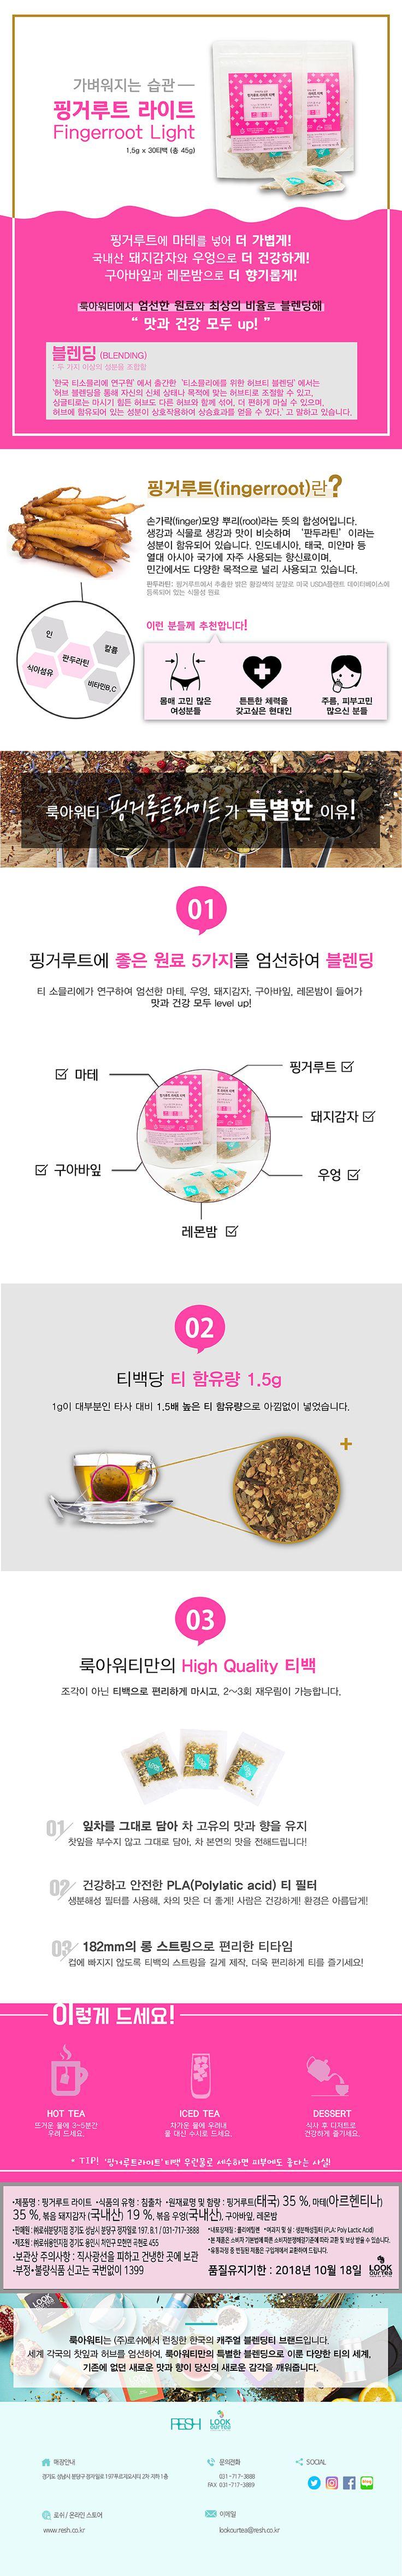 핑거루트 라이트 티백 > Health | LookOurTea